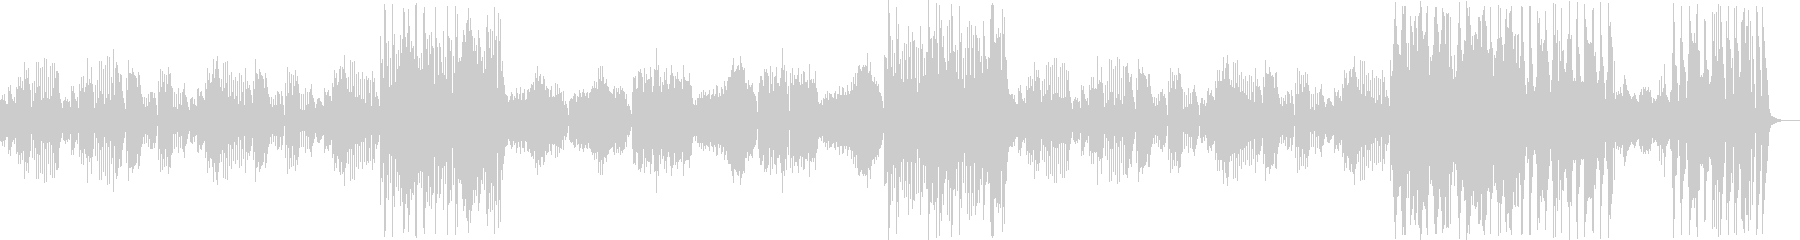 トルコ行進曲/モーツァルトの未再生の波形